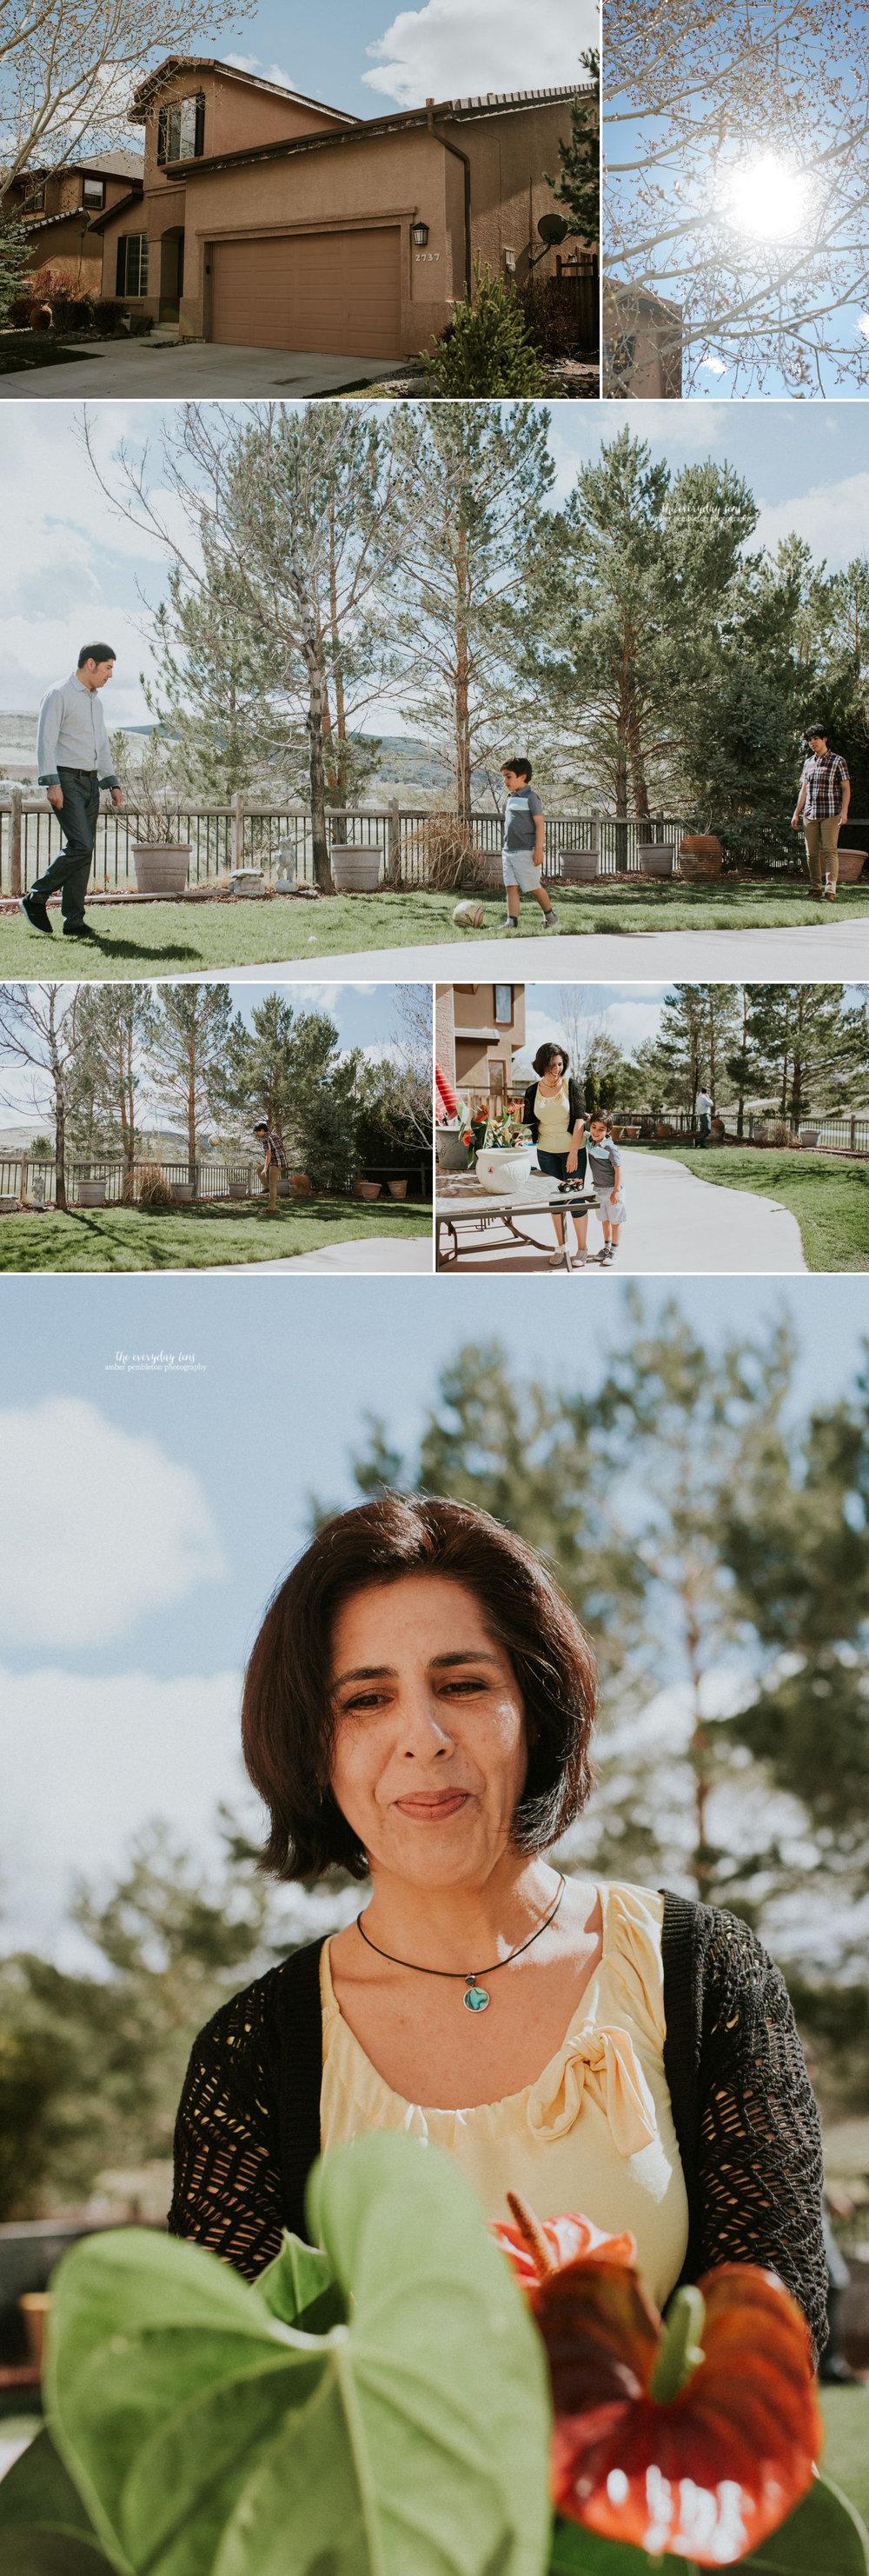 family-storytelling-photography-reno-nv.jpg